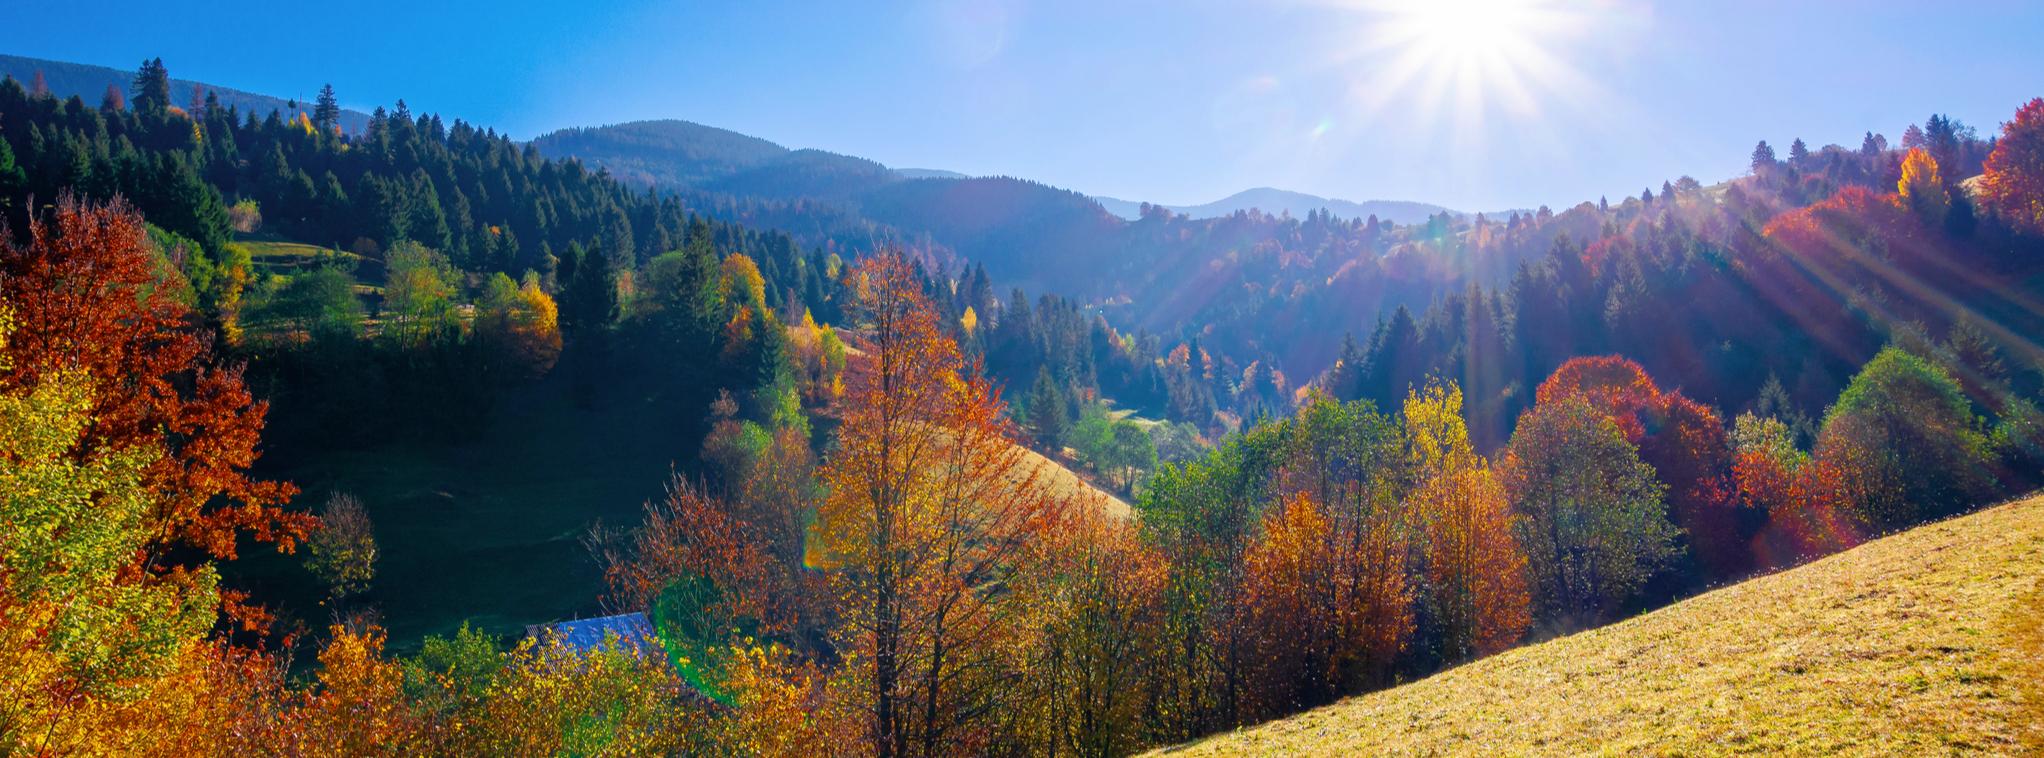 Autumnal Mountain Foliage